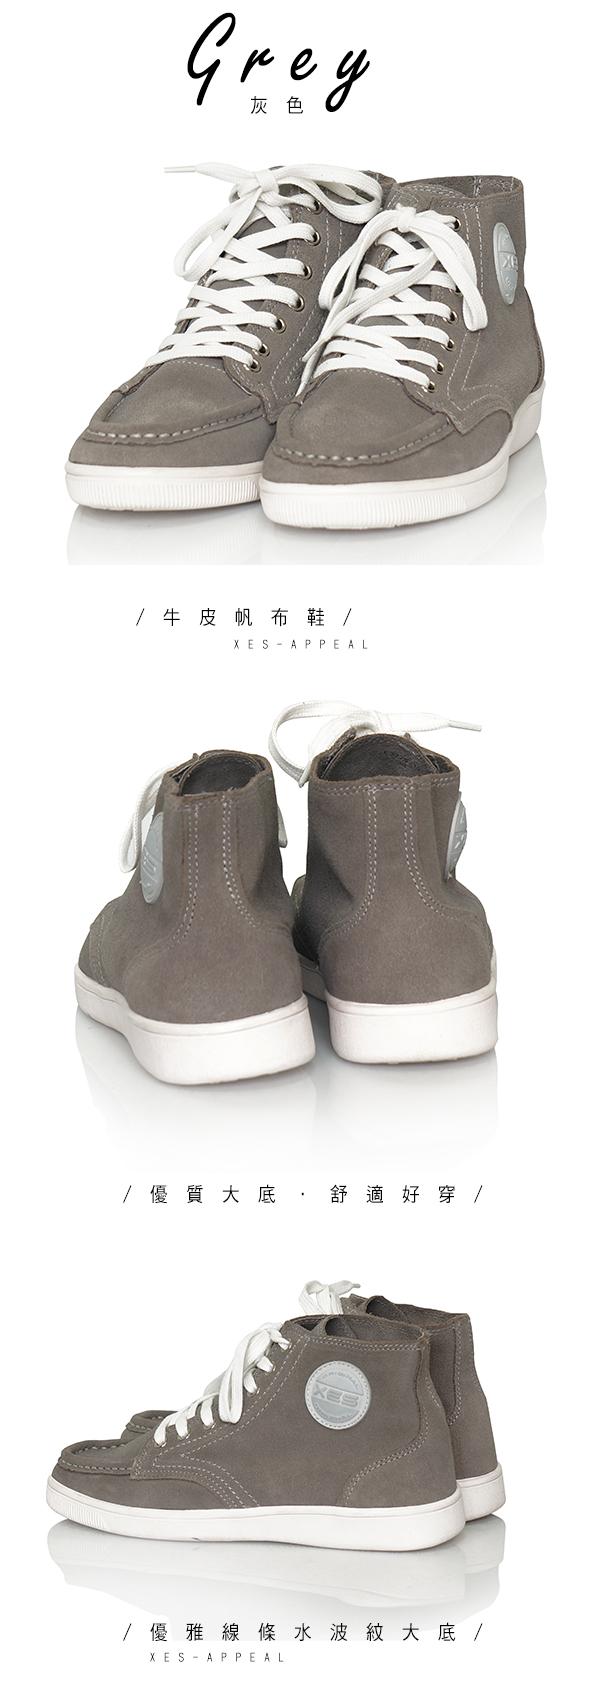 經典帆布鞋,XES,牛皮帆布鞋 ,時尚潮流,舒適透氣,休閒鞋,帆布鞋,灰色,無束縛,酷,自在 ,男鞋,百貨專櫃  鞋